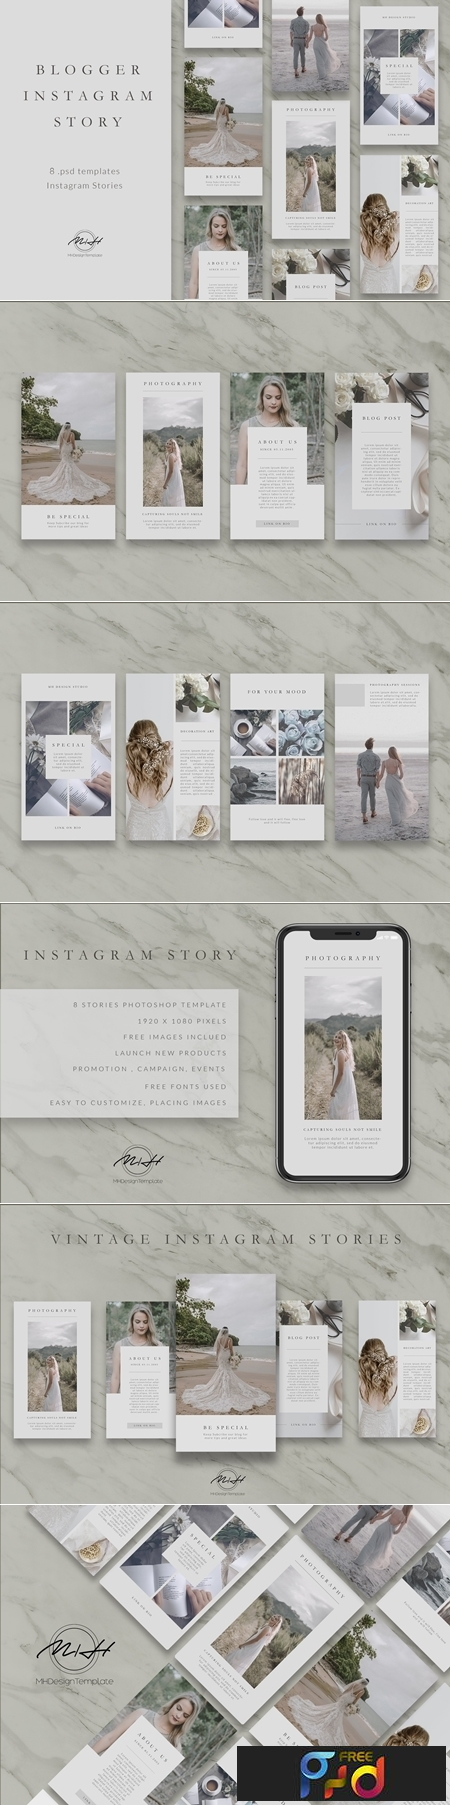 Vintage Instagram Stories Template 3699498 1